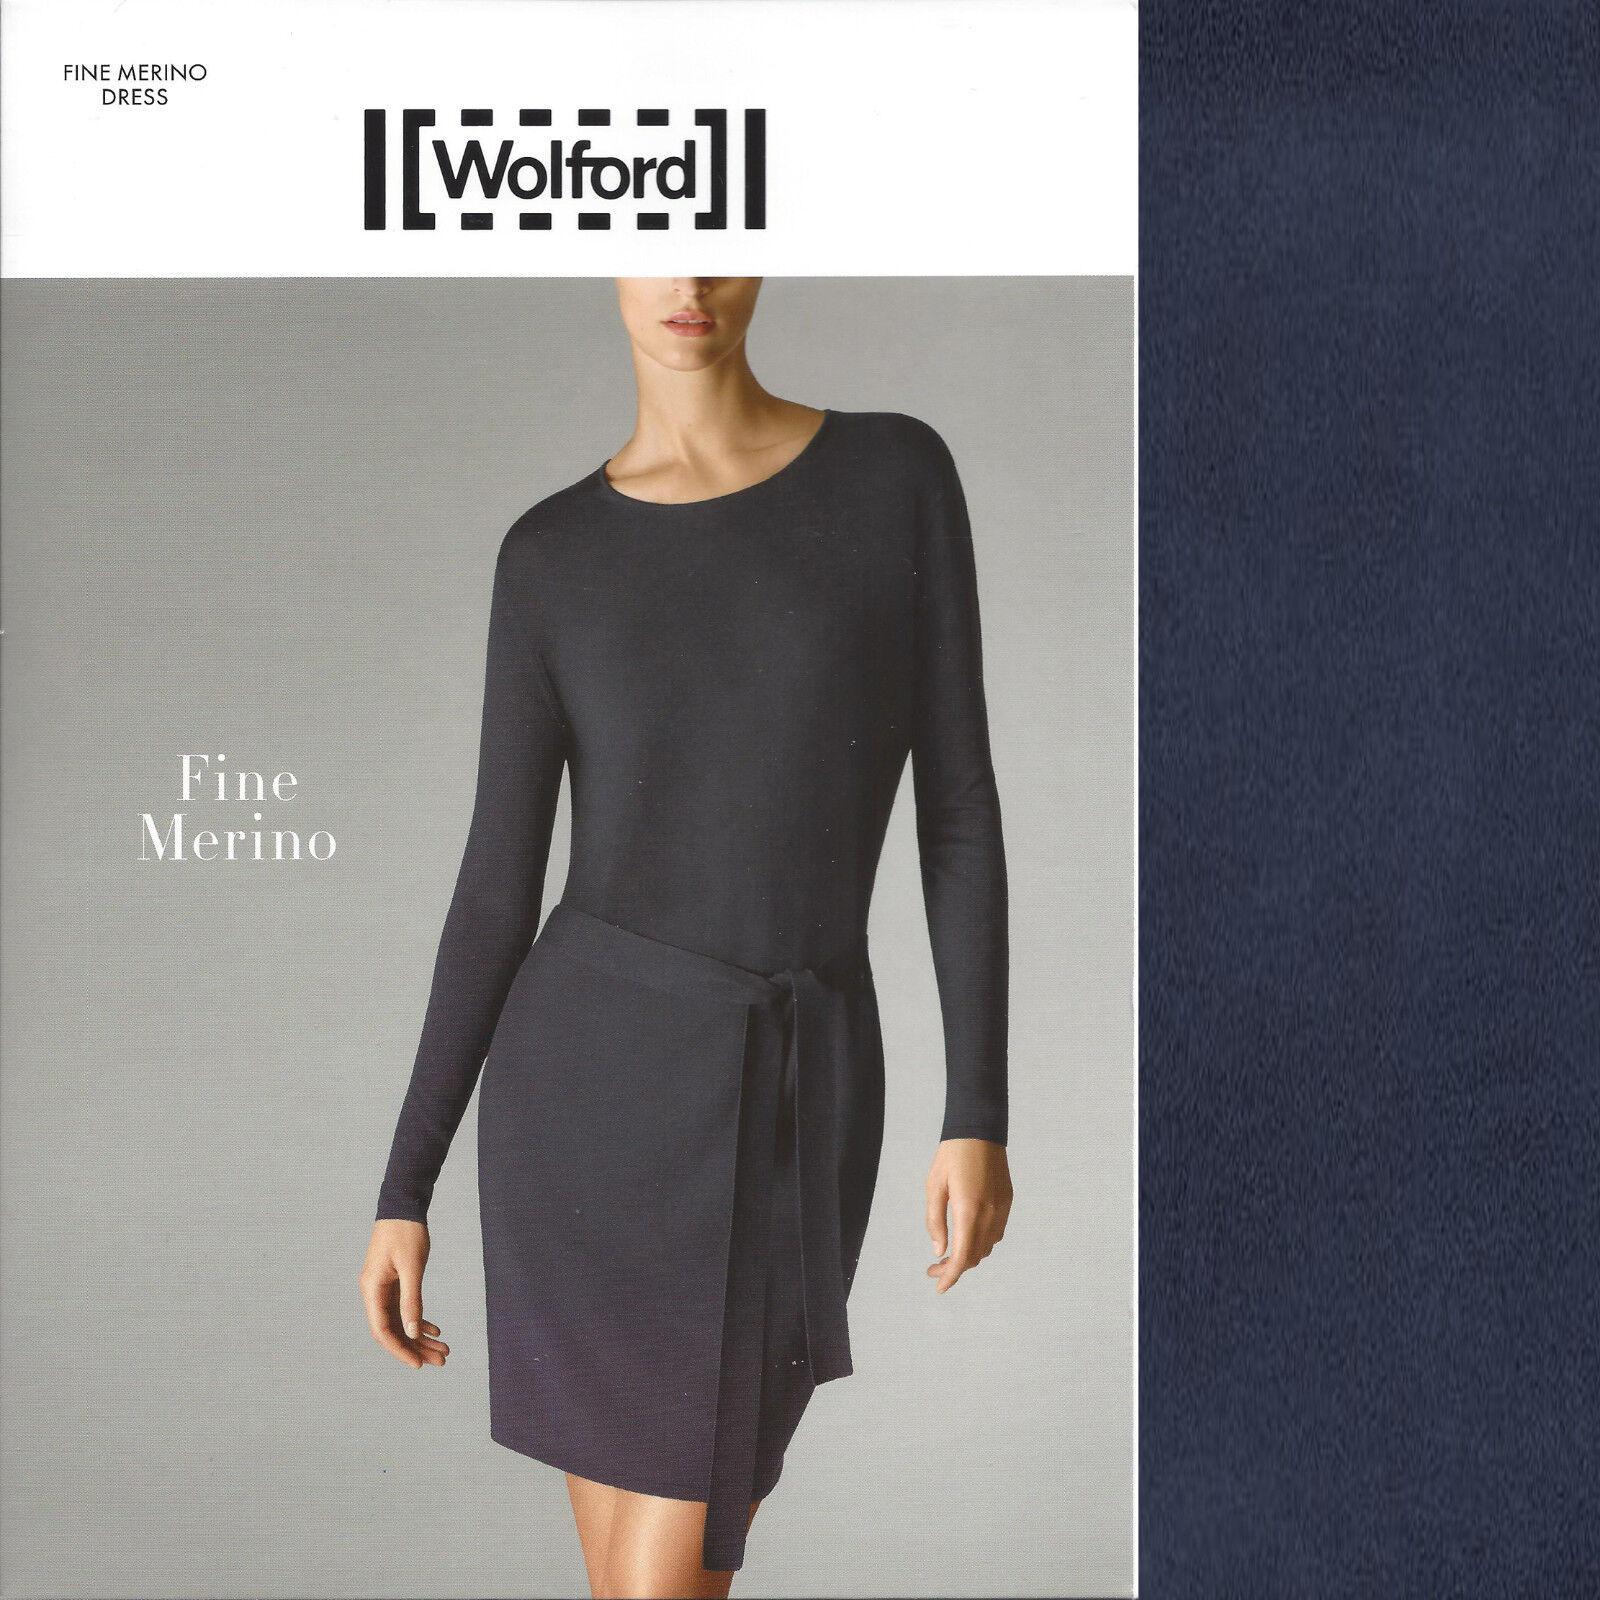 Wolford Fine Merino Dress - S - midnight - OP  ... aus leichter Merino-Wolle